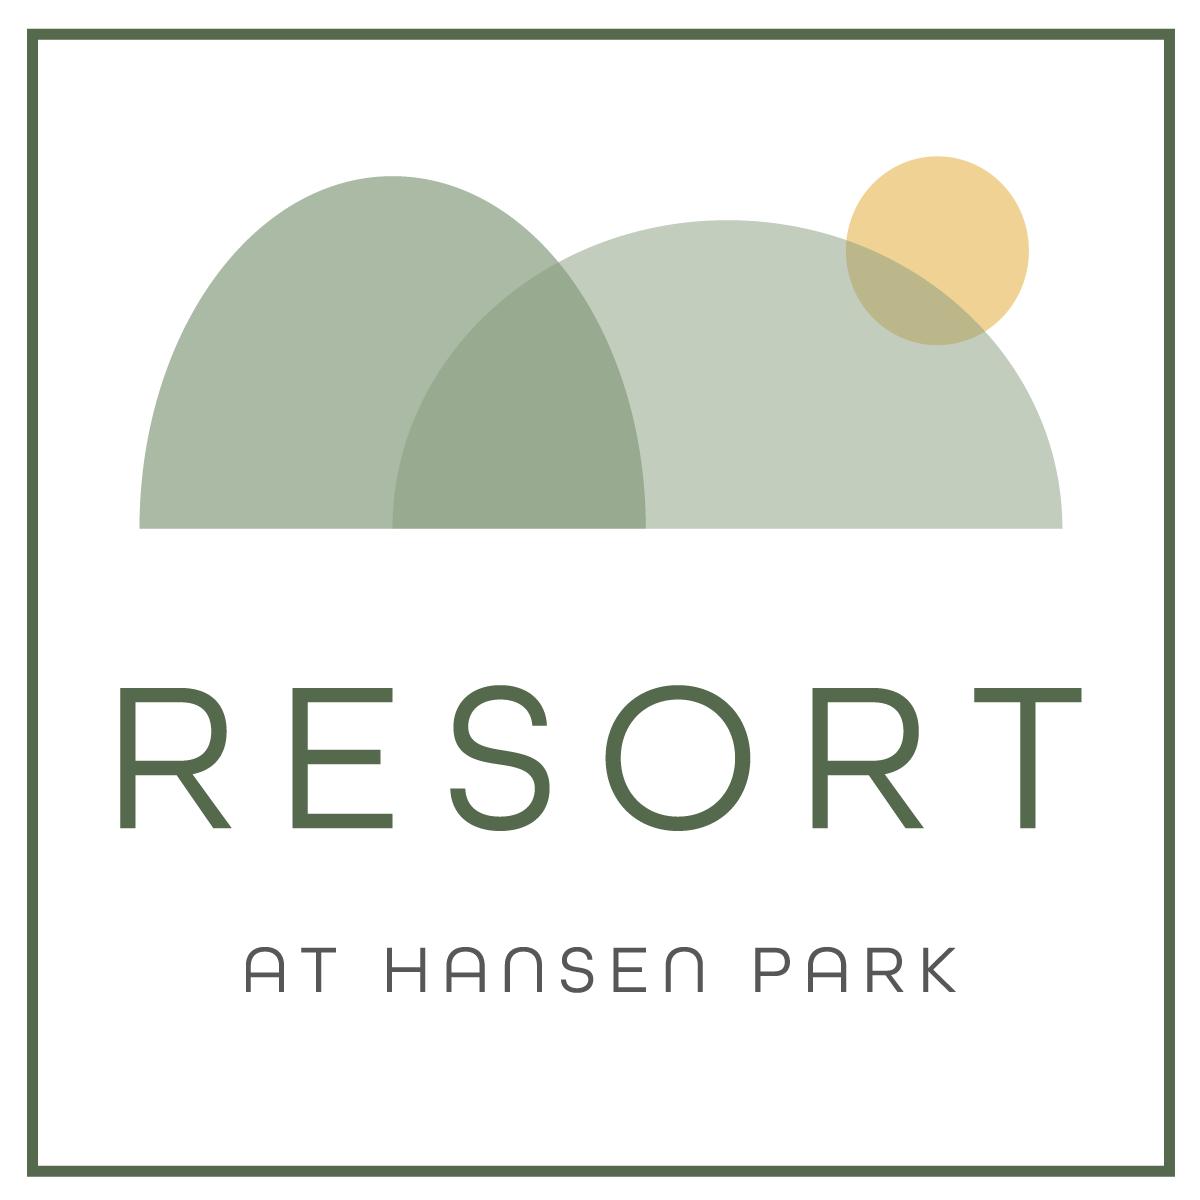 Resort at Hansen Park Logo